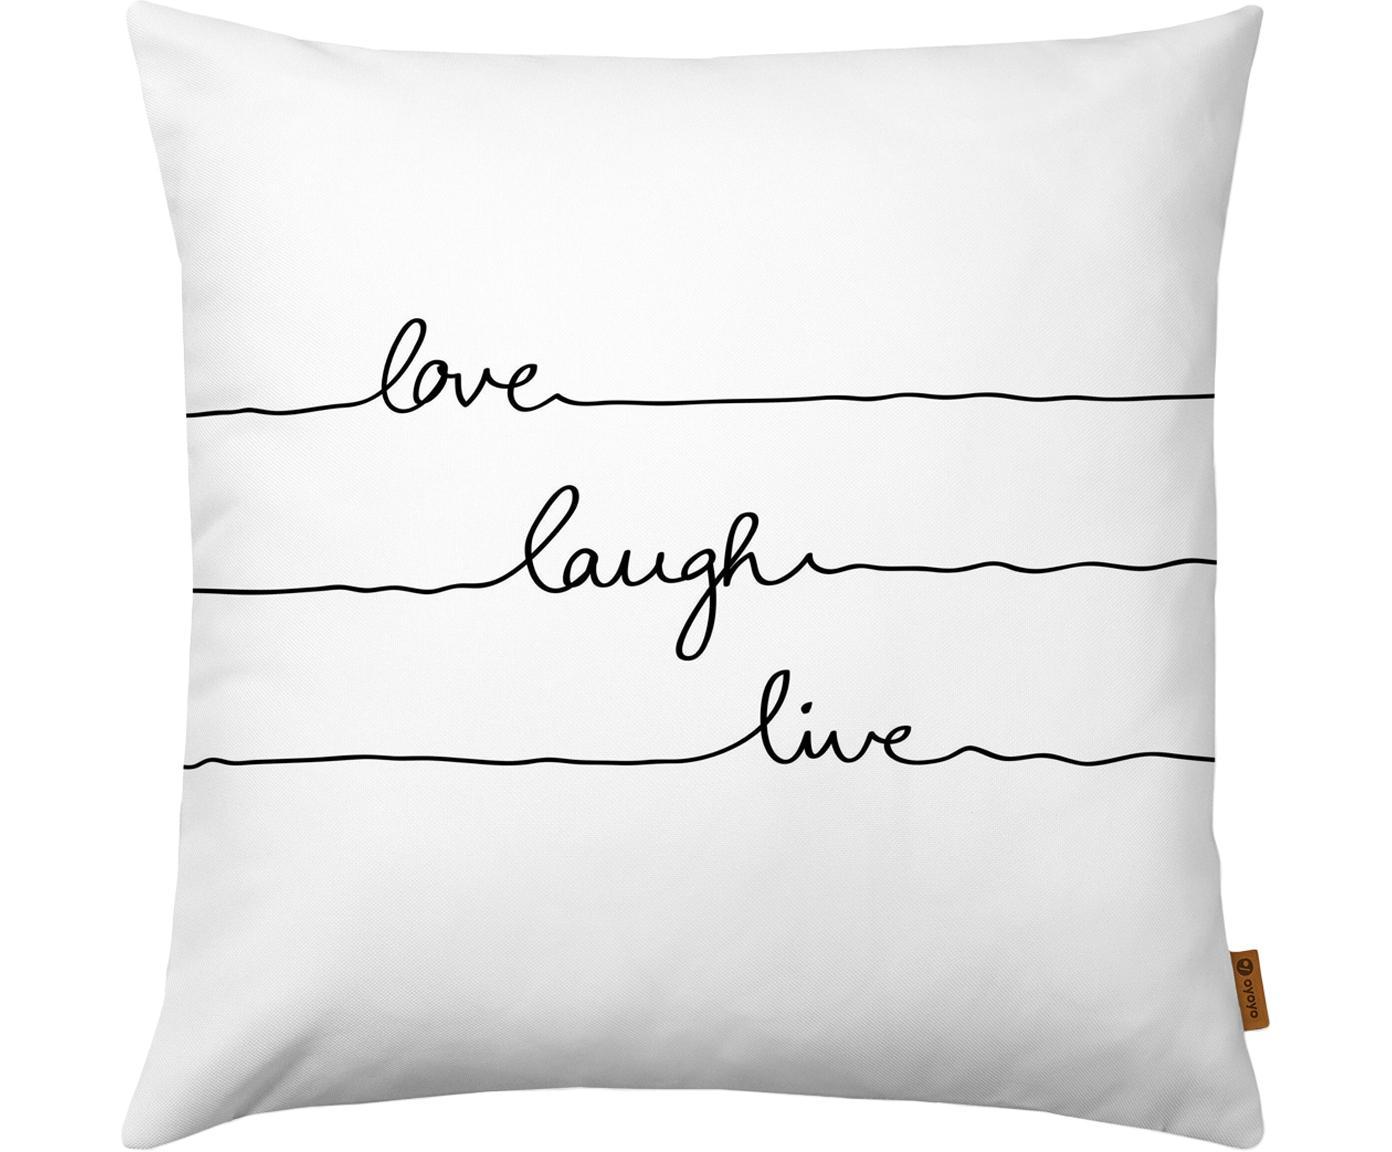 Funda de cojín Love Laugh Live, Poliéster, Blanco, negro, An 40 x L 40 cm